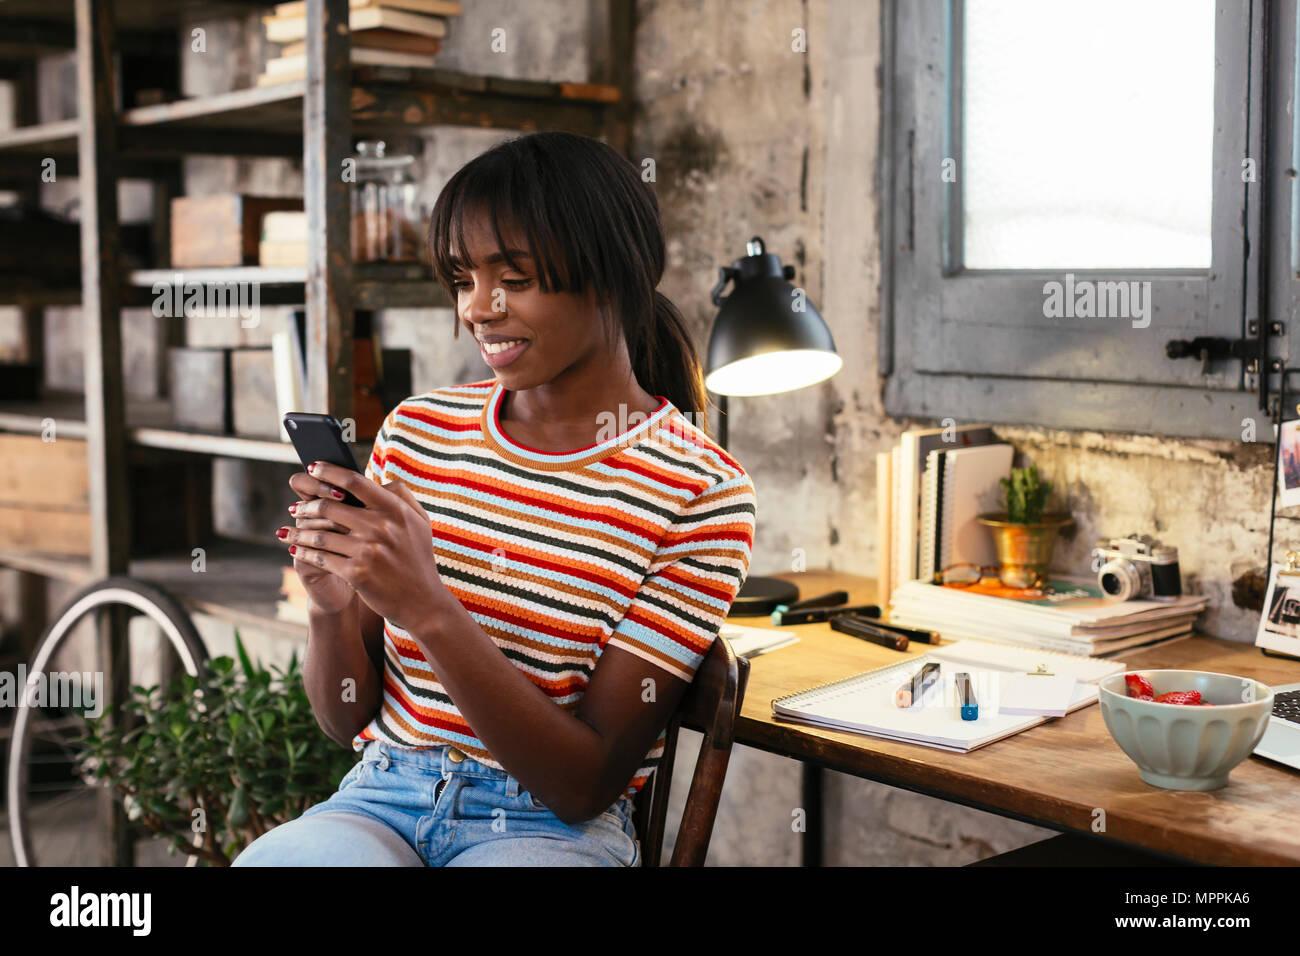 Lächelnde junge Frau sitzen vor dem Schreibtisch in einem Loft im Handy suchen Stockbild